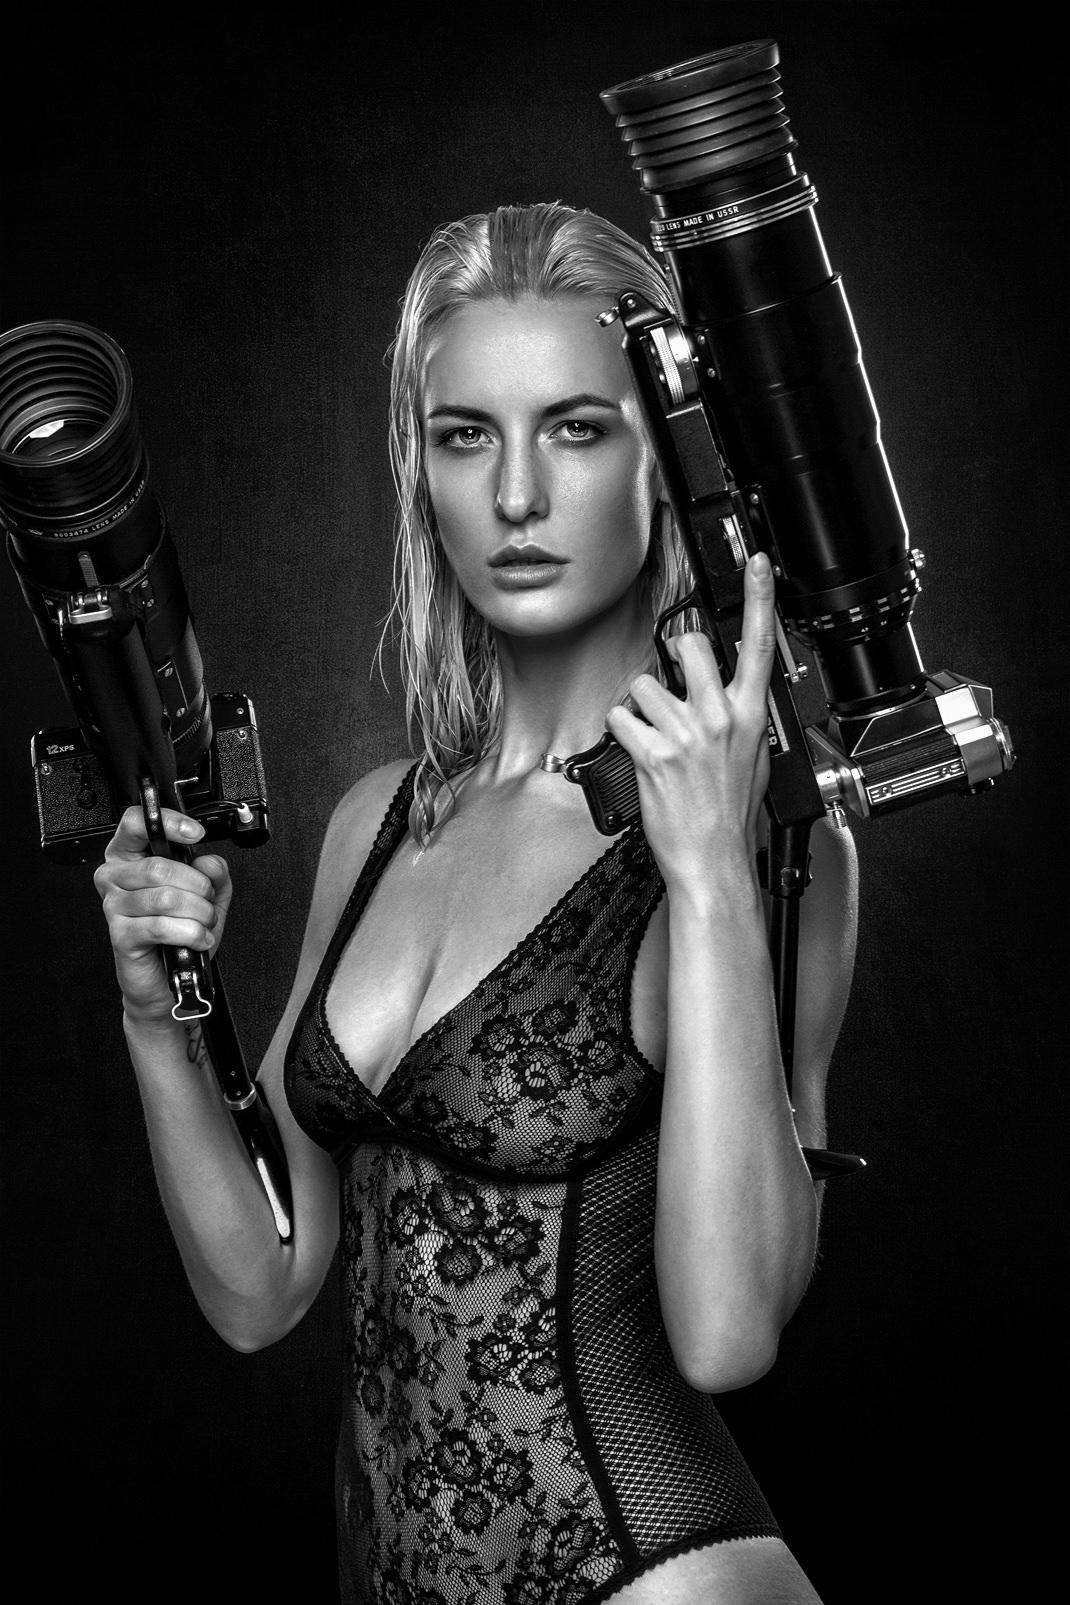 Two Beauties - Rosmarie & 2 Zenith Photosniper FS-3 KMZ - Markus Hertzsch - Camera - Girl